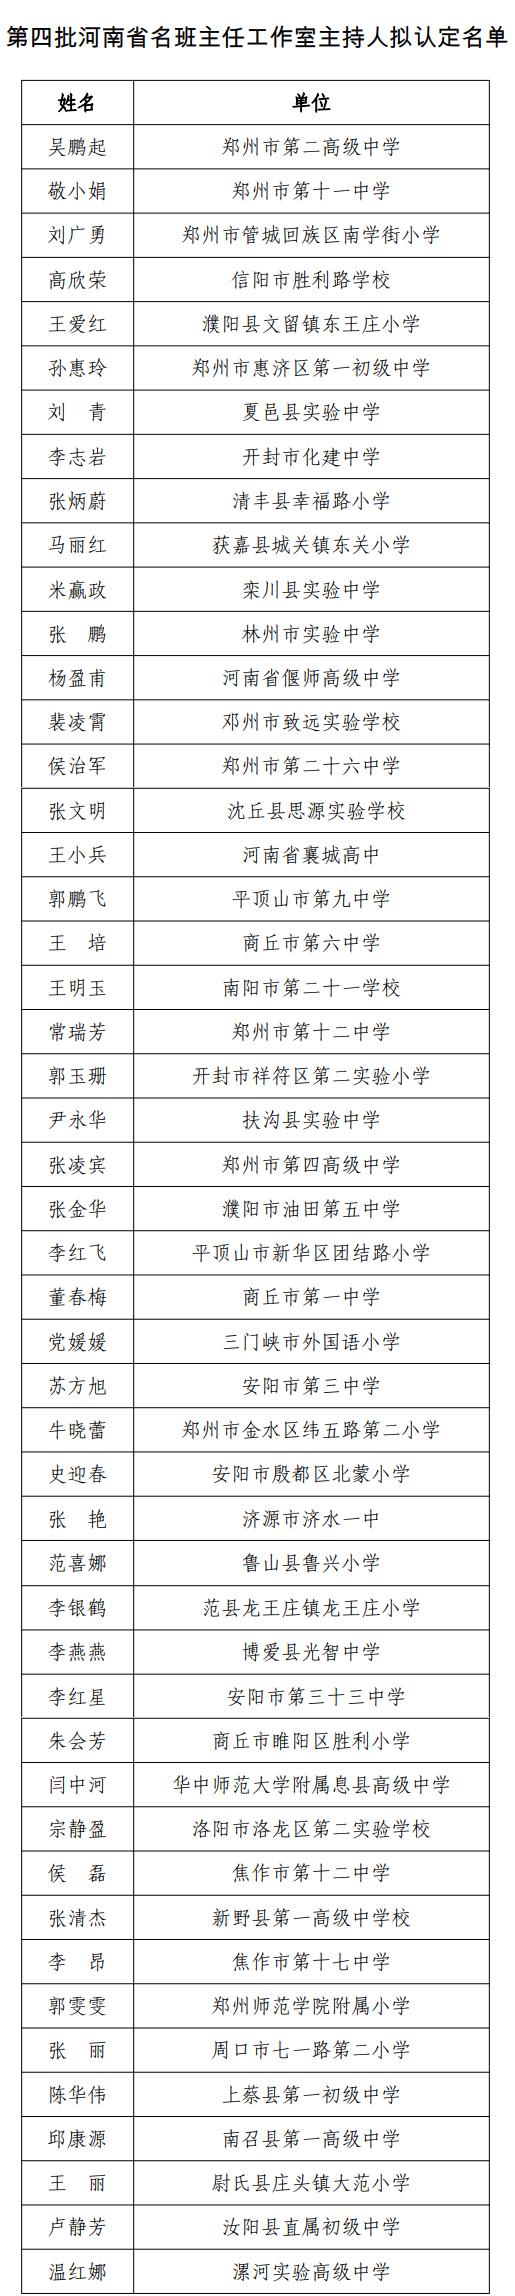 第四批河南省名班主任工作室主持人拟认定名单公示